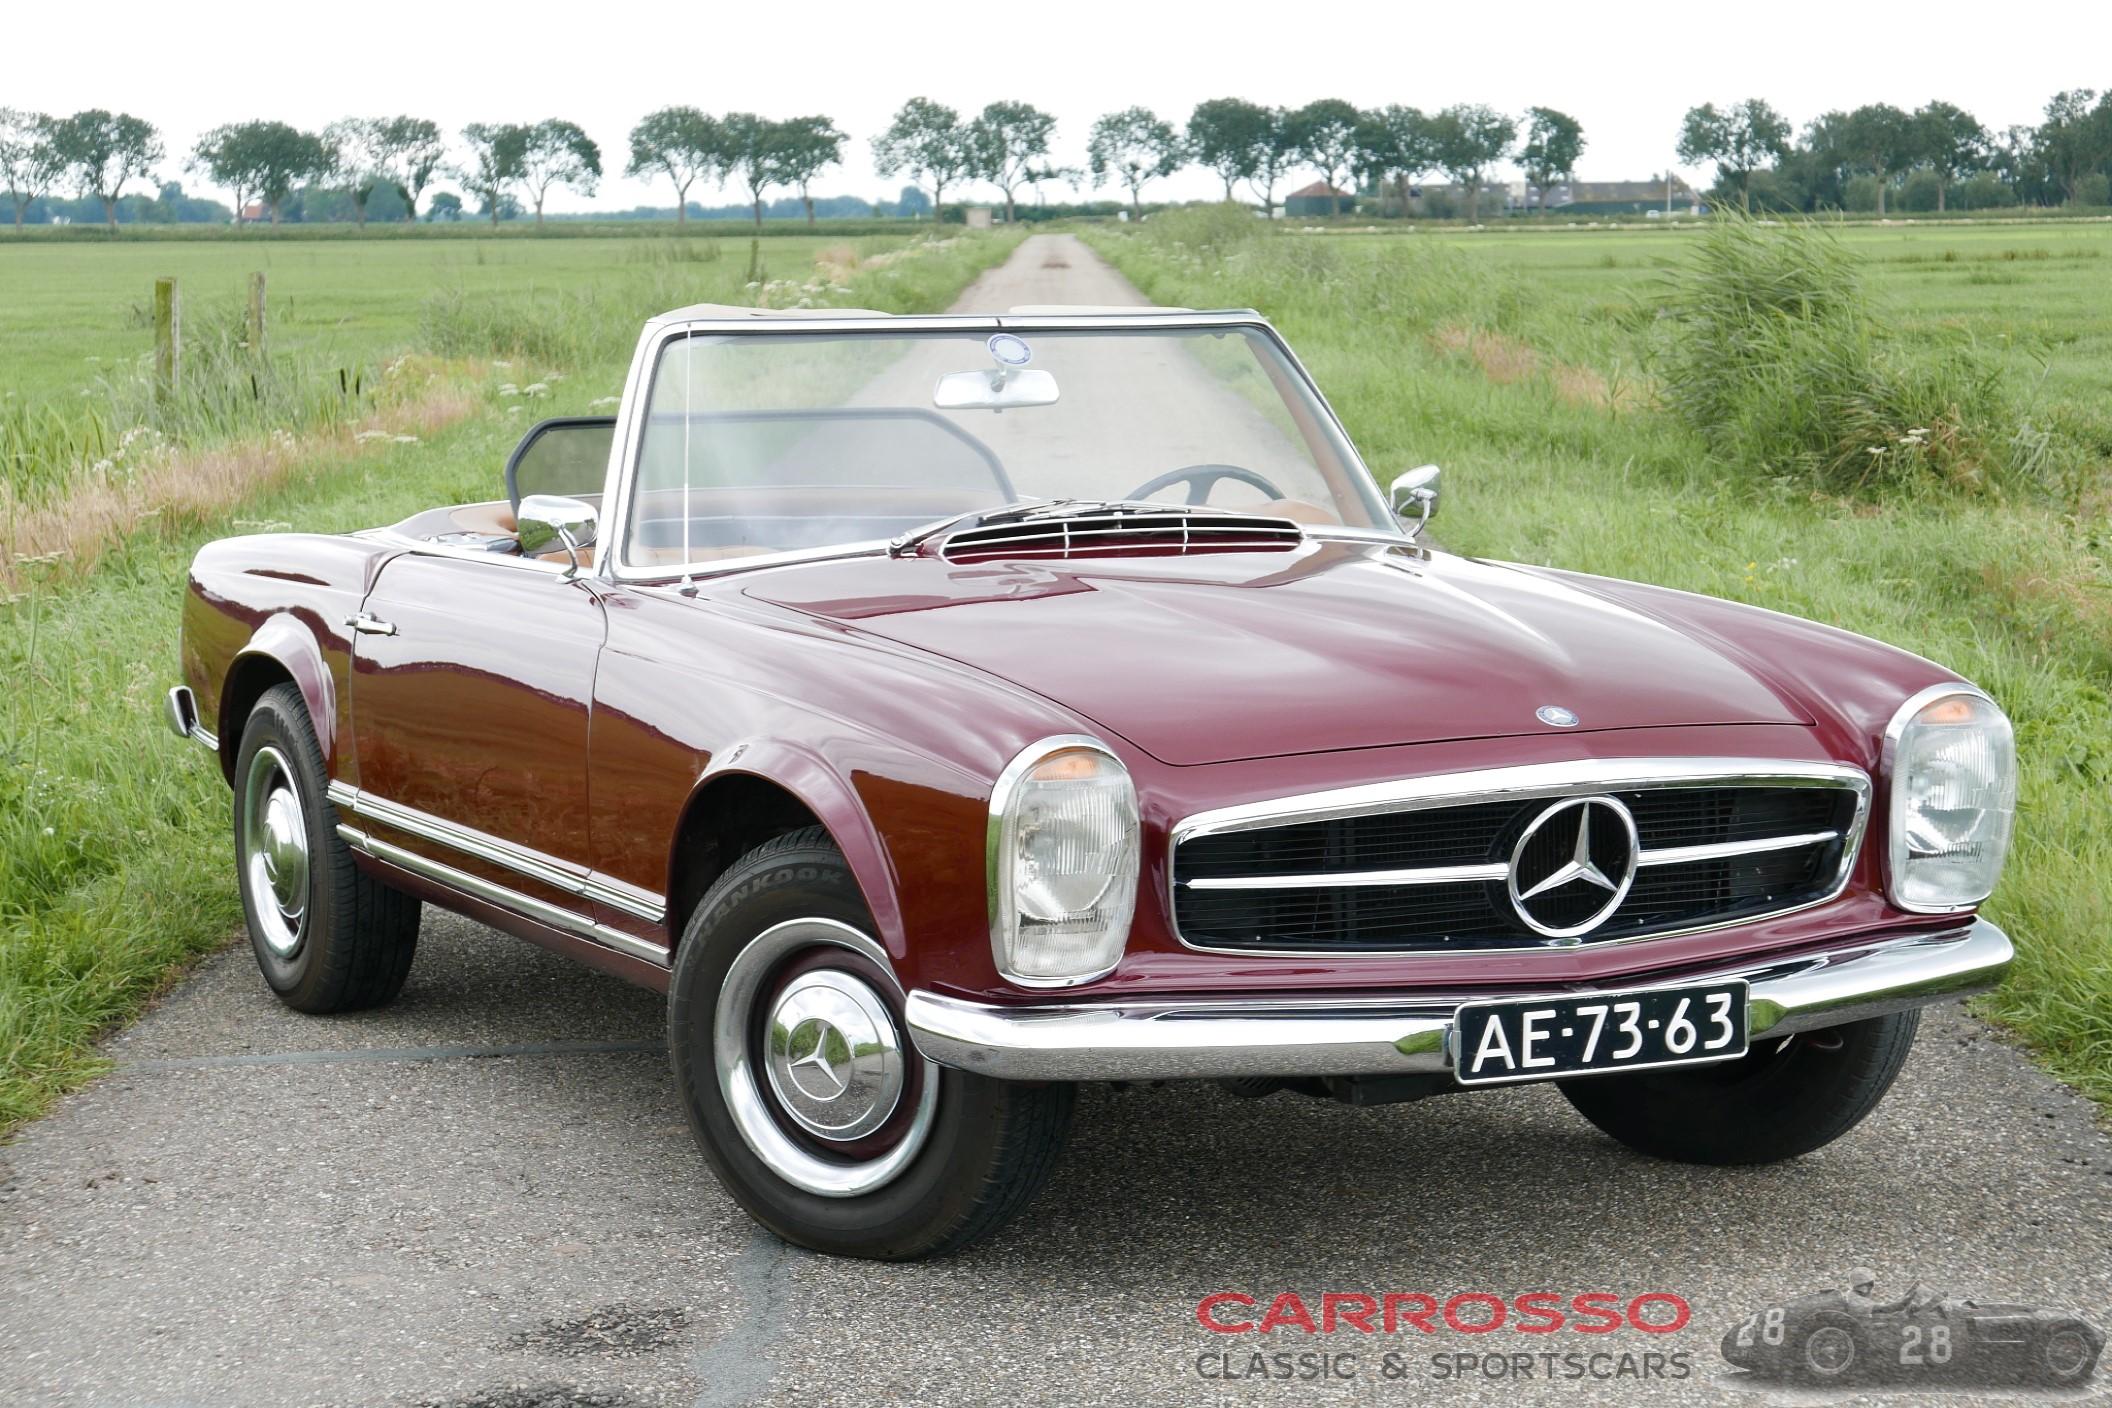 Mercedes Benz 230 SL Pagode - BIDaCLASSICS